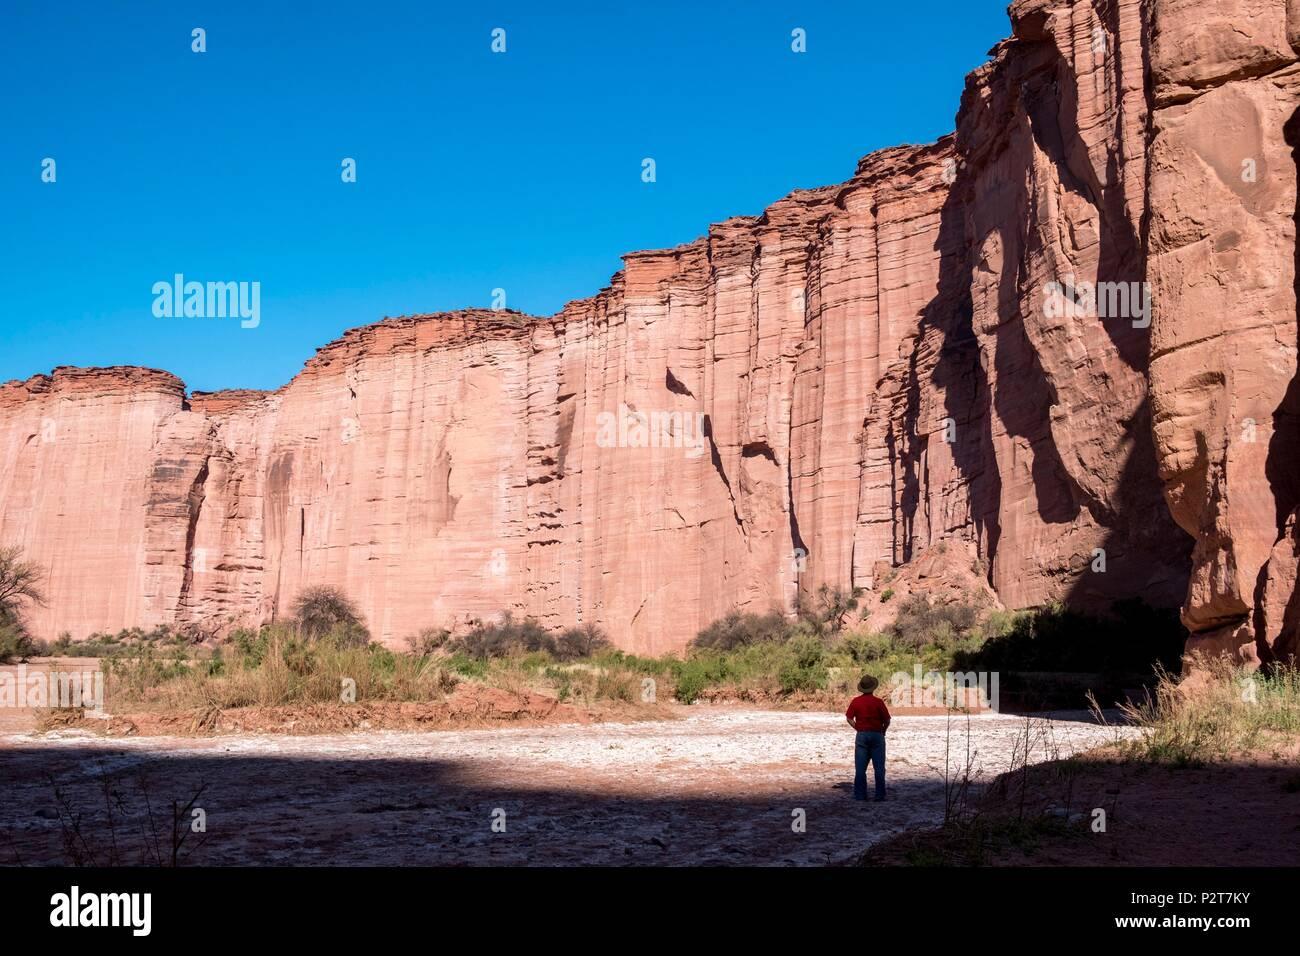 Argentinien, in der Provinz La Rioja, in der Nähe von Villa Union, Talampaya Nationalpark, Parque Nacional Talampaya als Weltkulturerbe von der UNESCO, Talampaya Cañon Stockbild